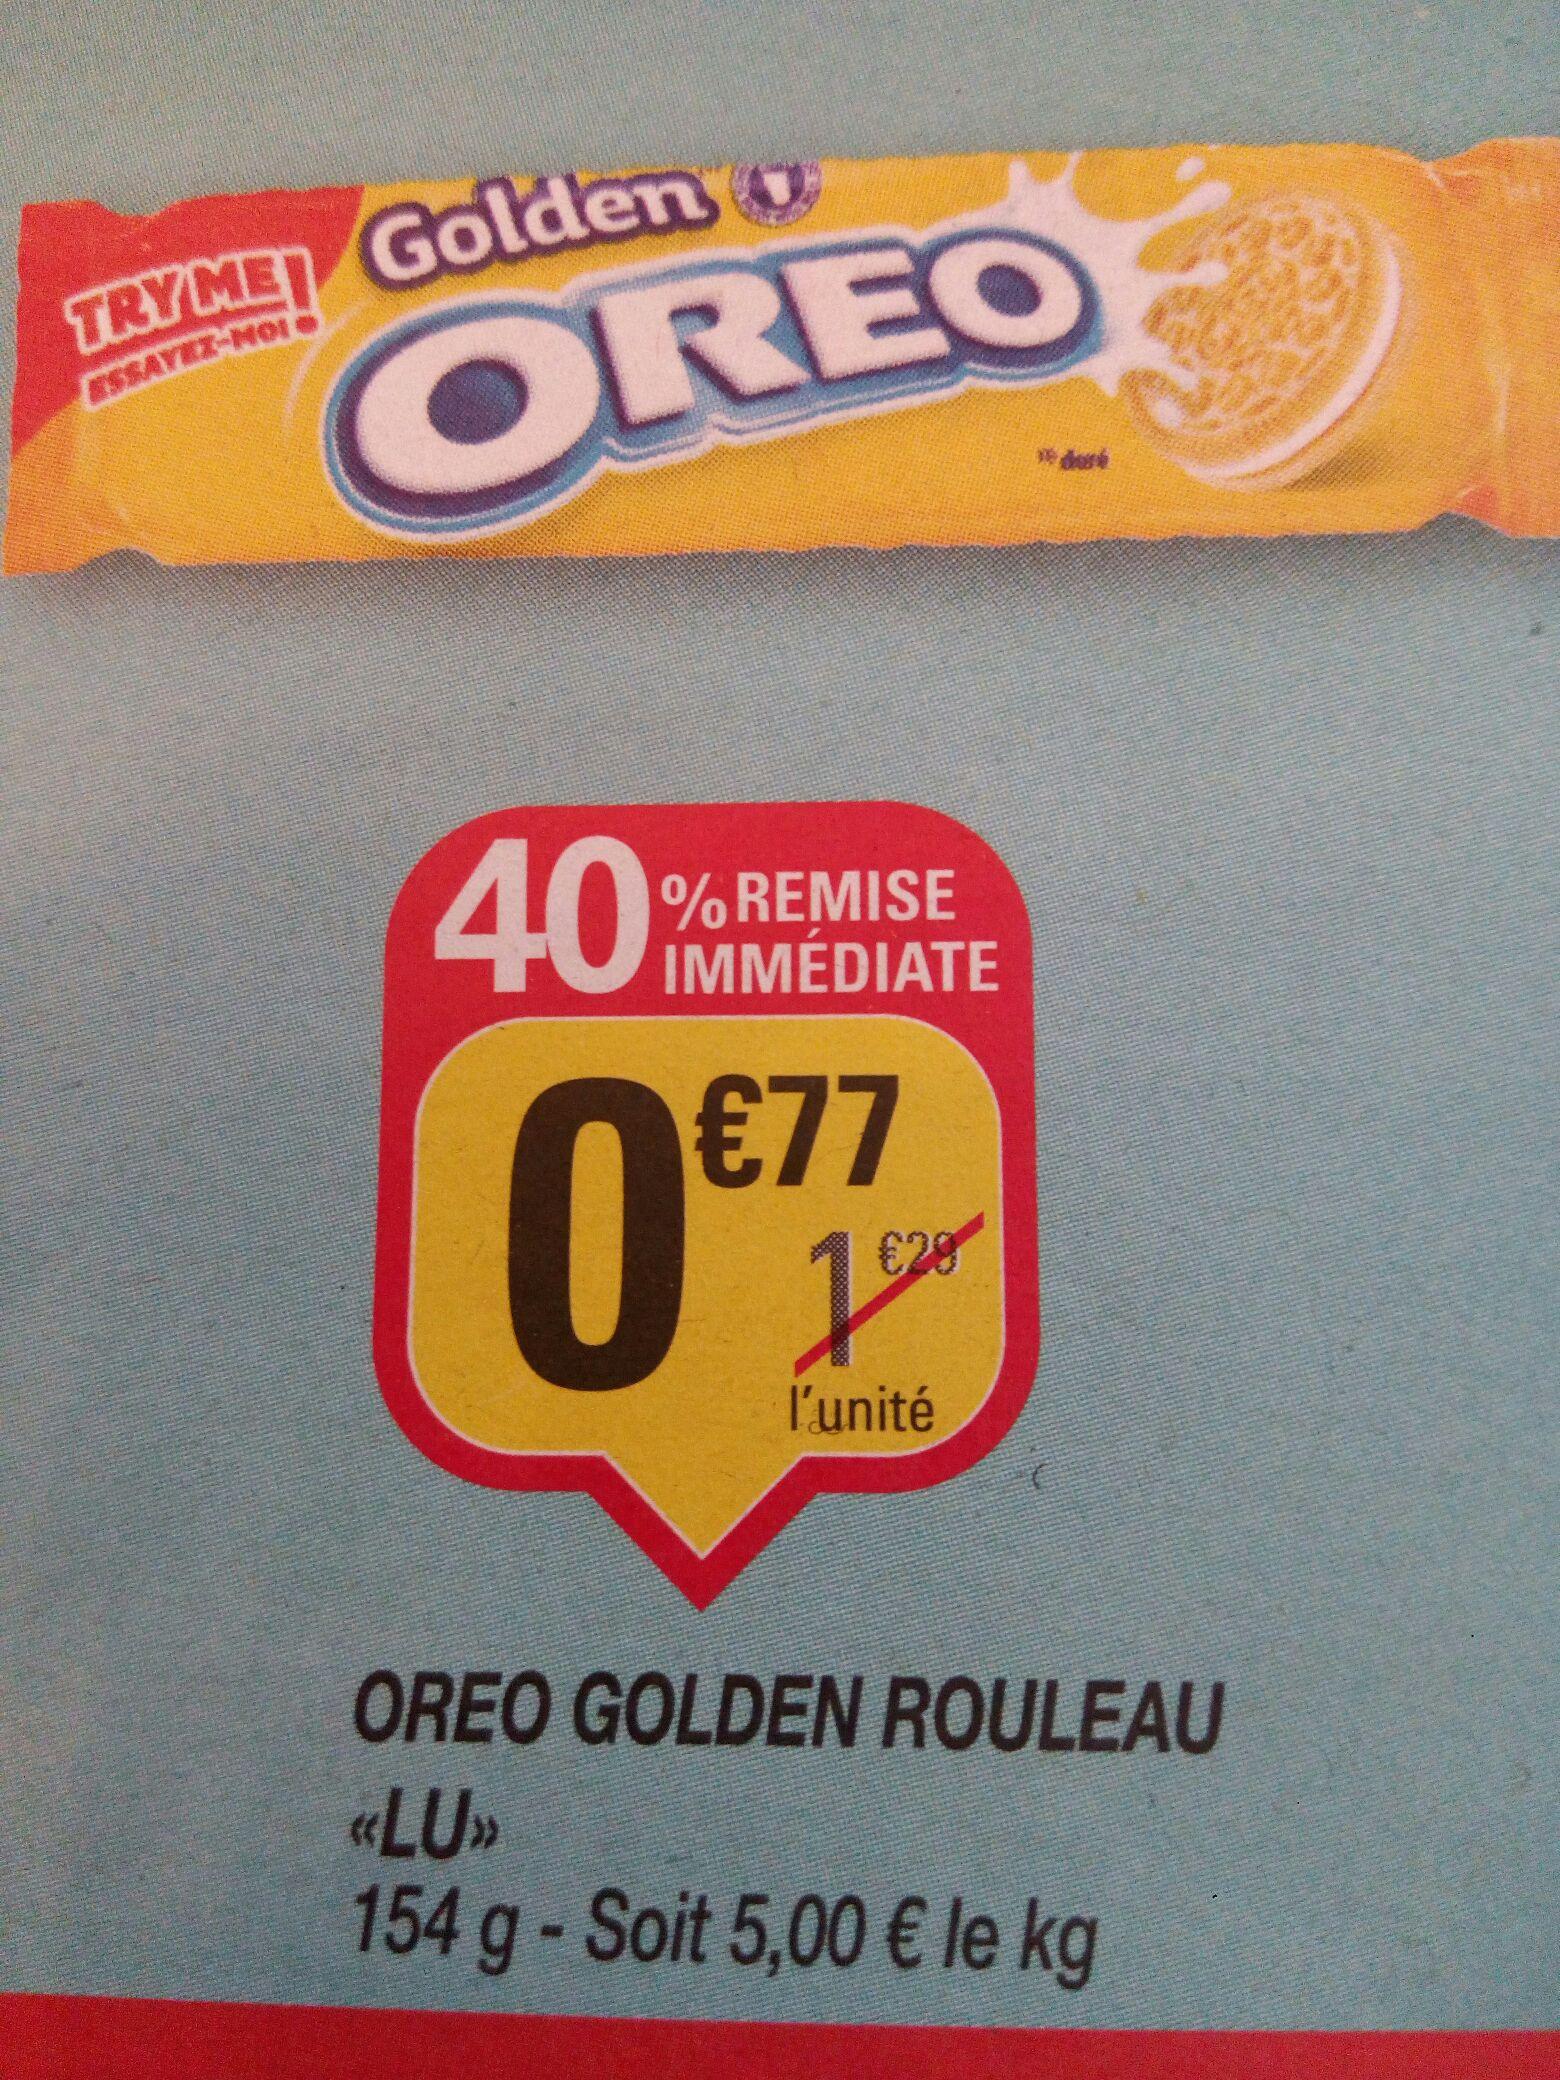 Un paquet de Oreo Golden Rouleau de Lu (via BDR)